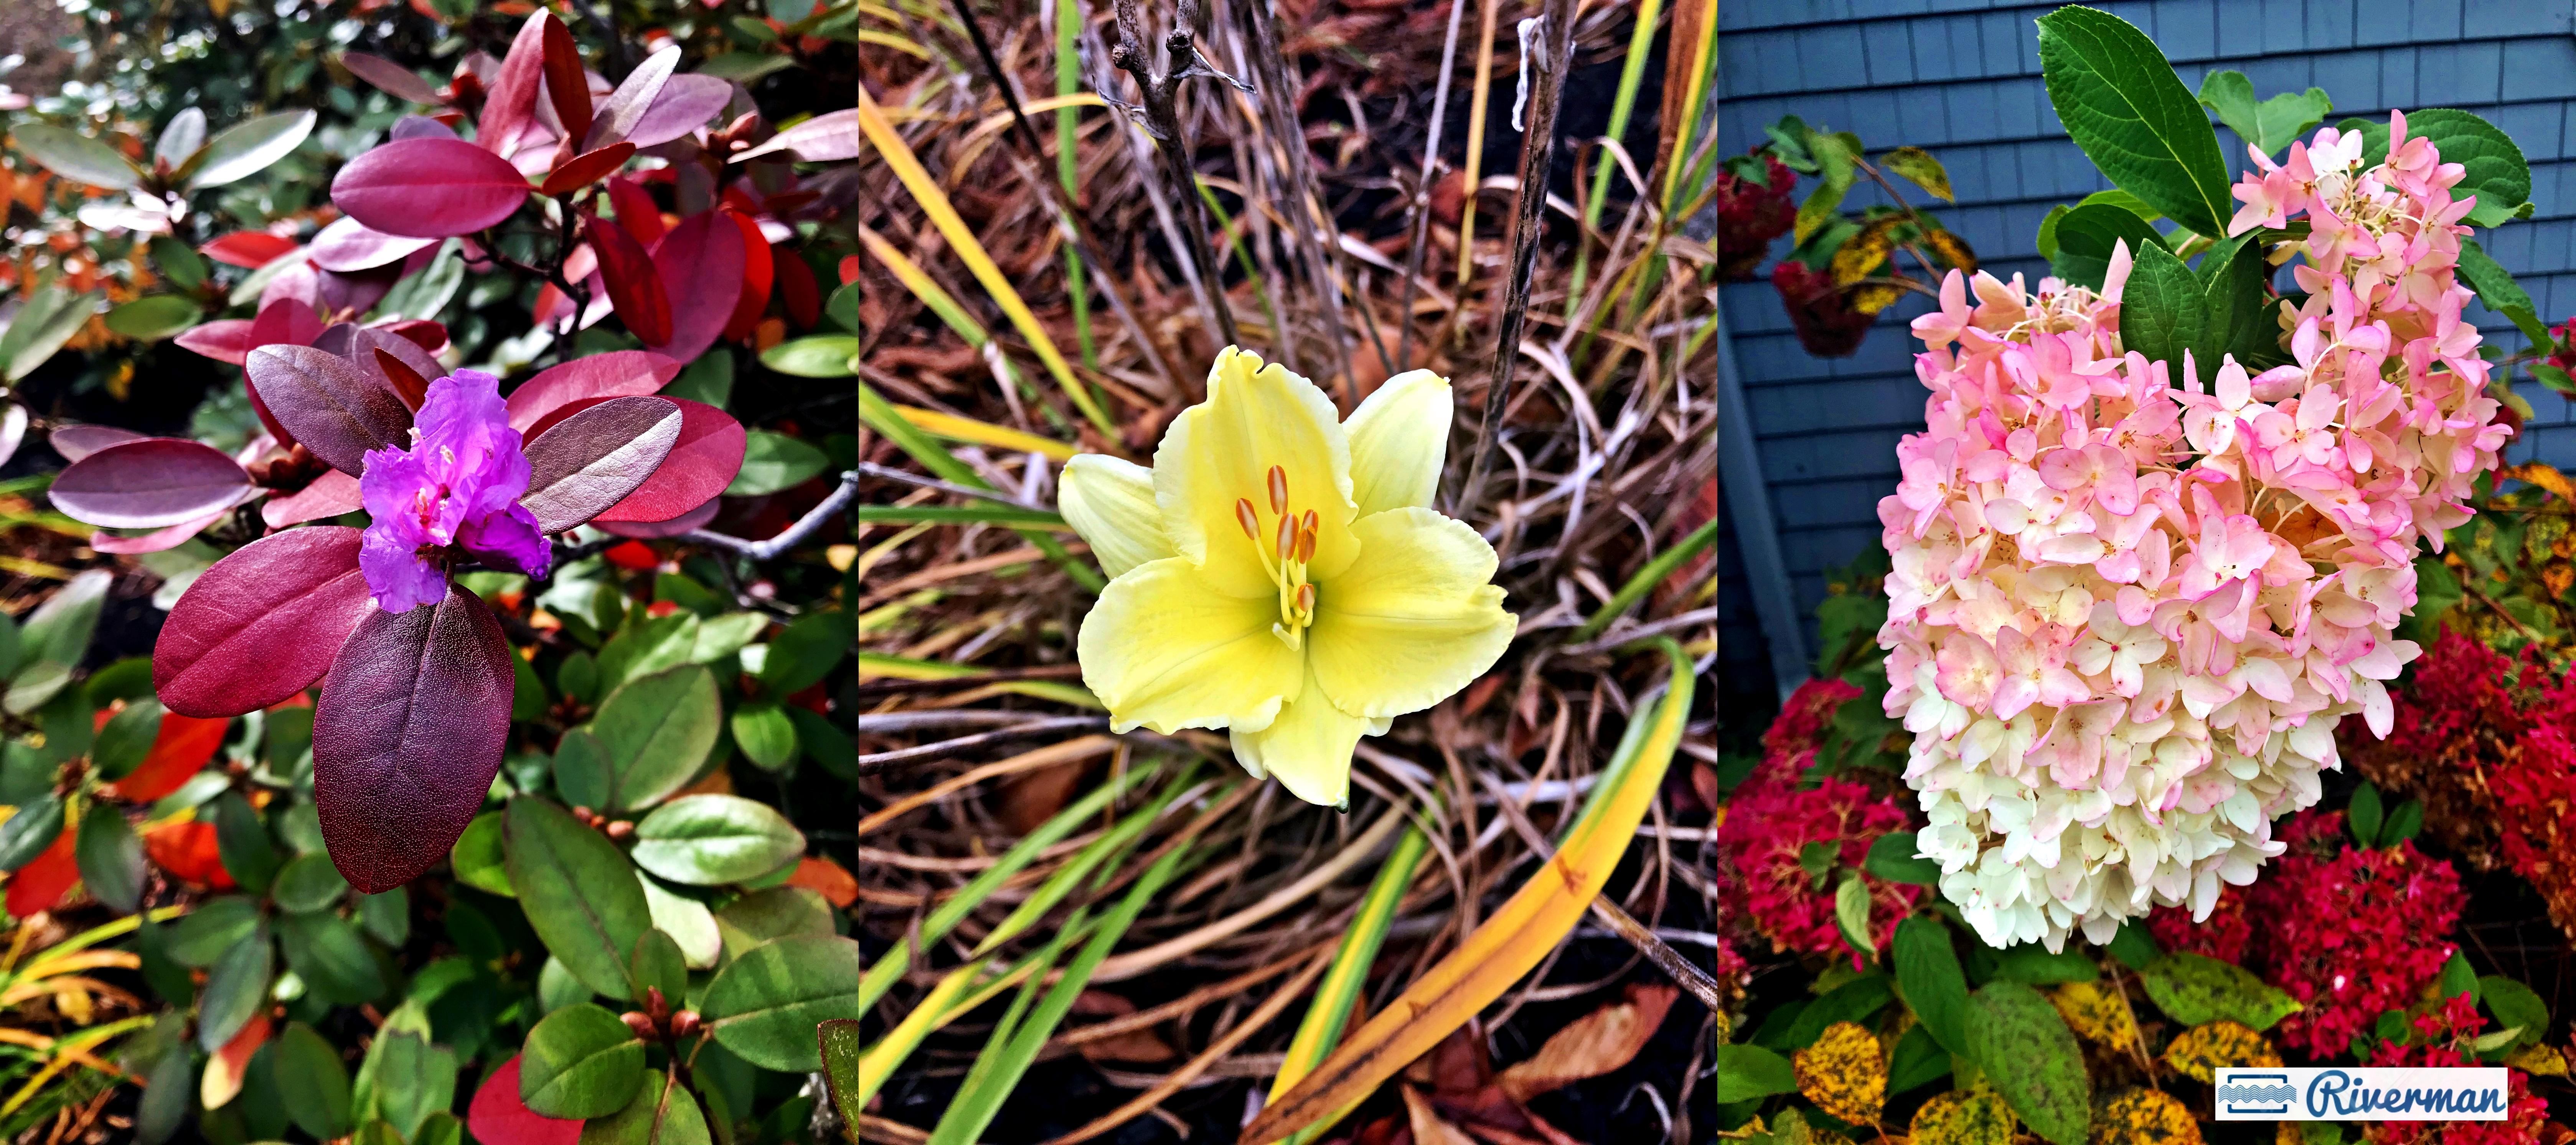 October Full Moon Flowers